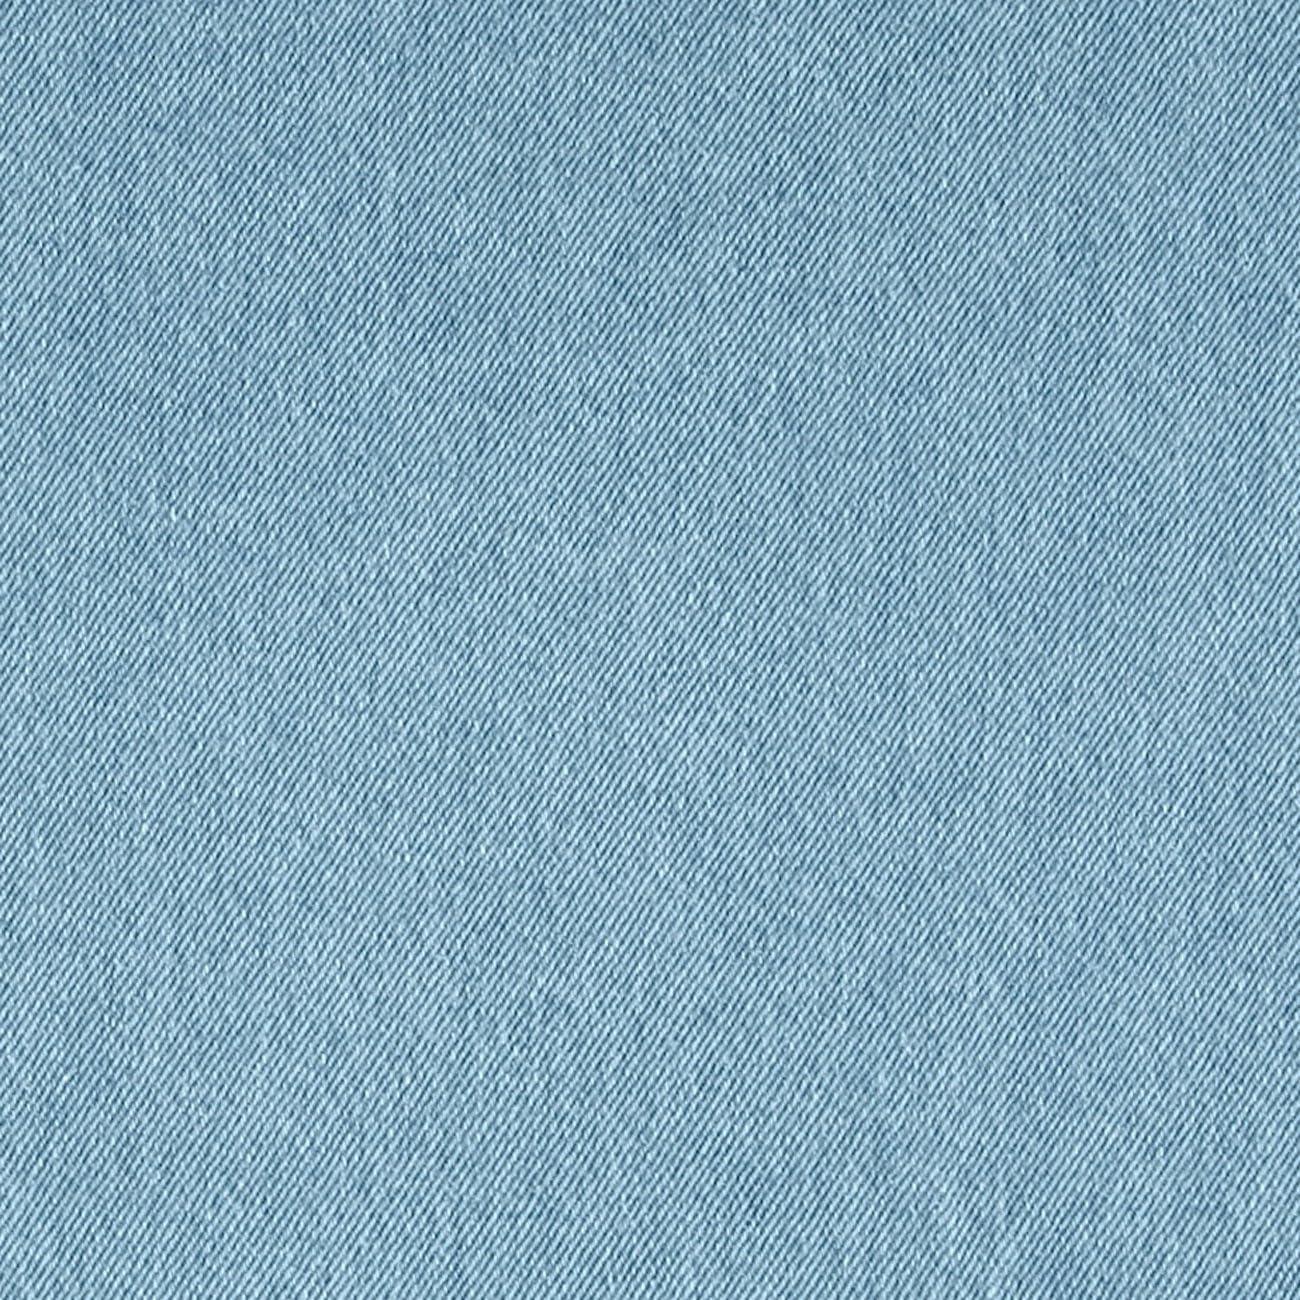 """Stretch Jersey Knit Yarn Dyed Indigo Denim Look 6 oz sq yd  60/"""" Wide Fabric BTY"""